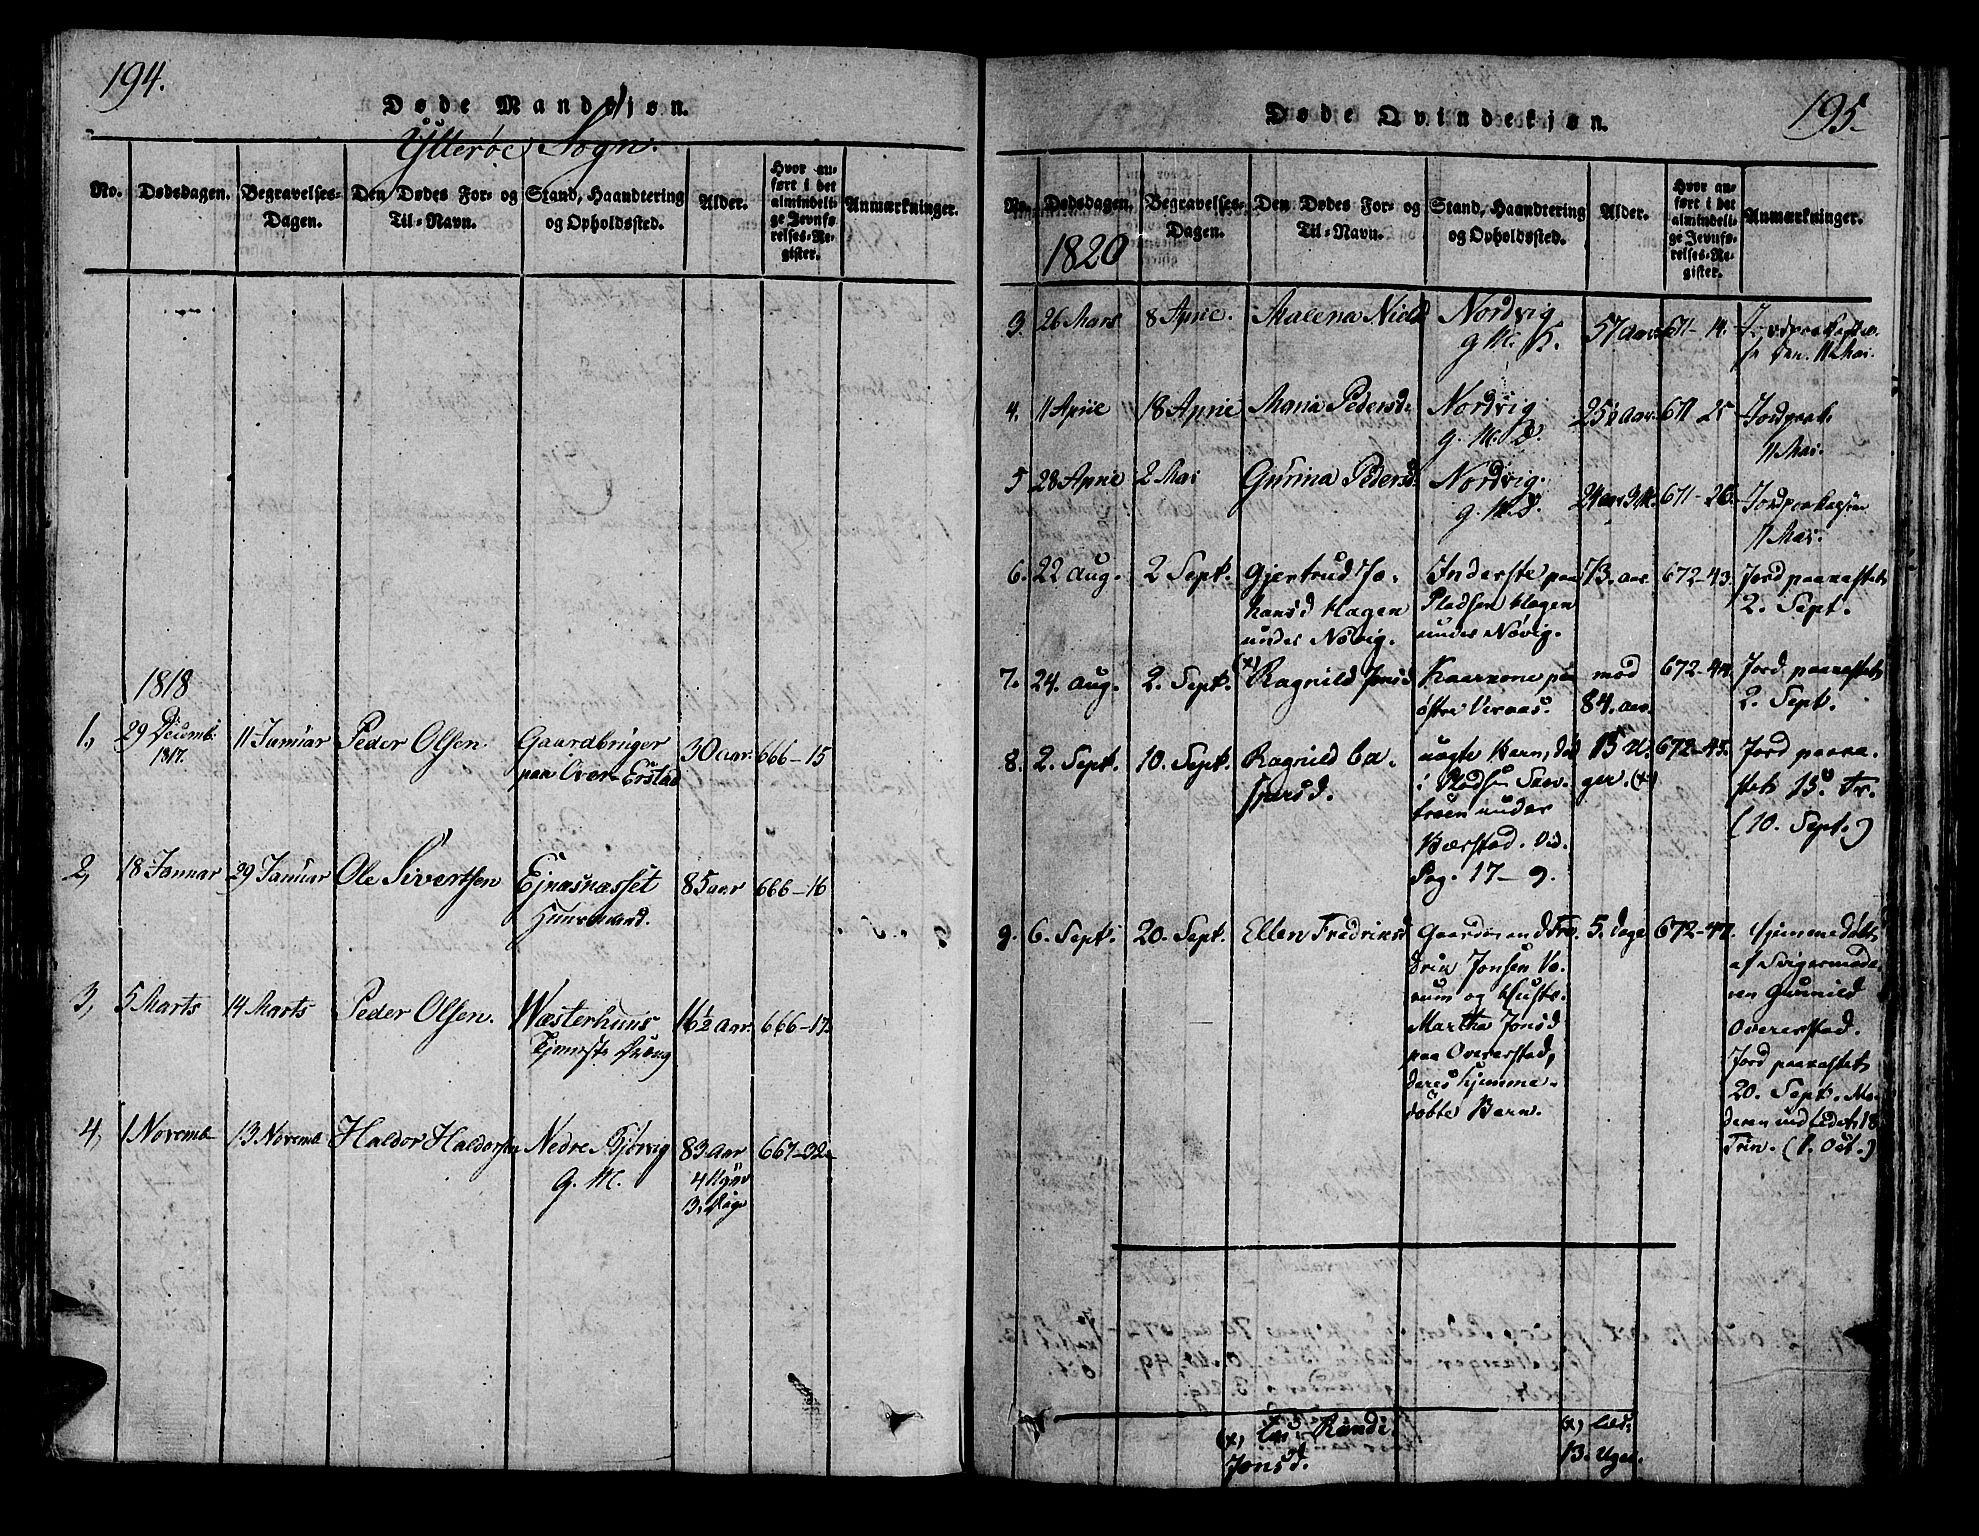 SAT, Ministerialprotokoller, klokkerbøker og fødselsregistre - Nord-Trøndelag, 722/L0217: Ministerialbok nr. 722A04, 1817-1842, s. 194-195